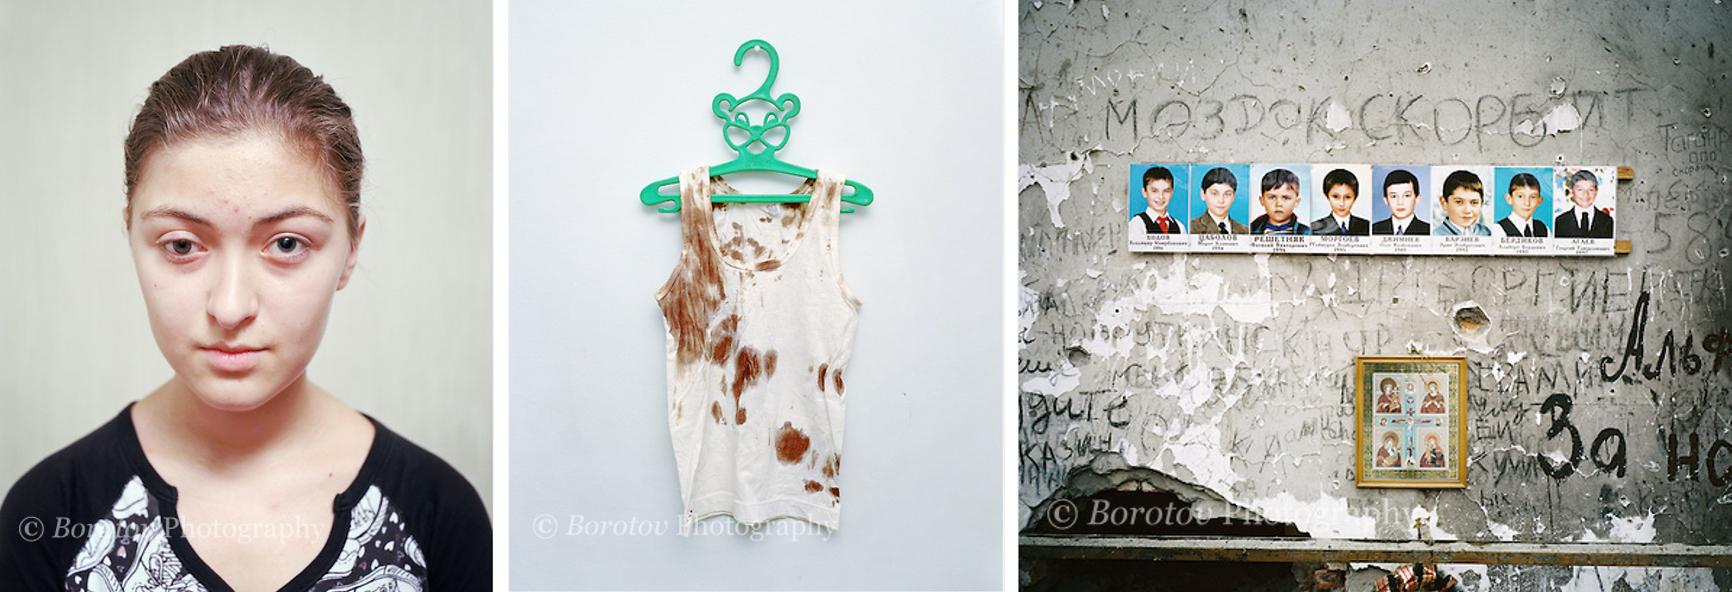 Ilona Karkiva (15) ranna w zamachu (Biesłan 2004) / Koszulka dziewczynki z Biesłanu / Ofiary Biesłanu (fot. dzięki uprzejmości Roba Hornstry, copyright Rob Hornstra, Borotov Photography)